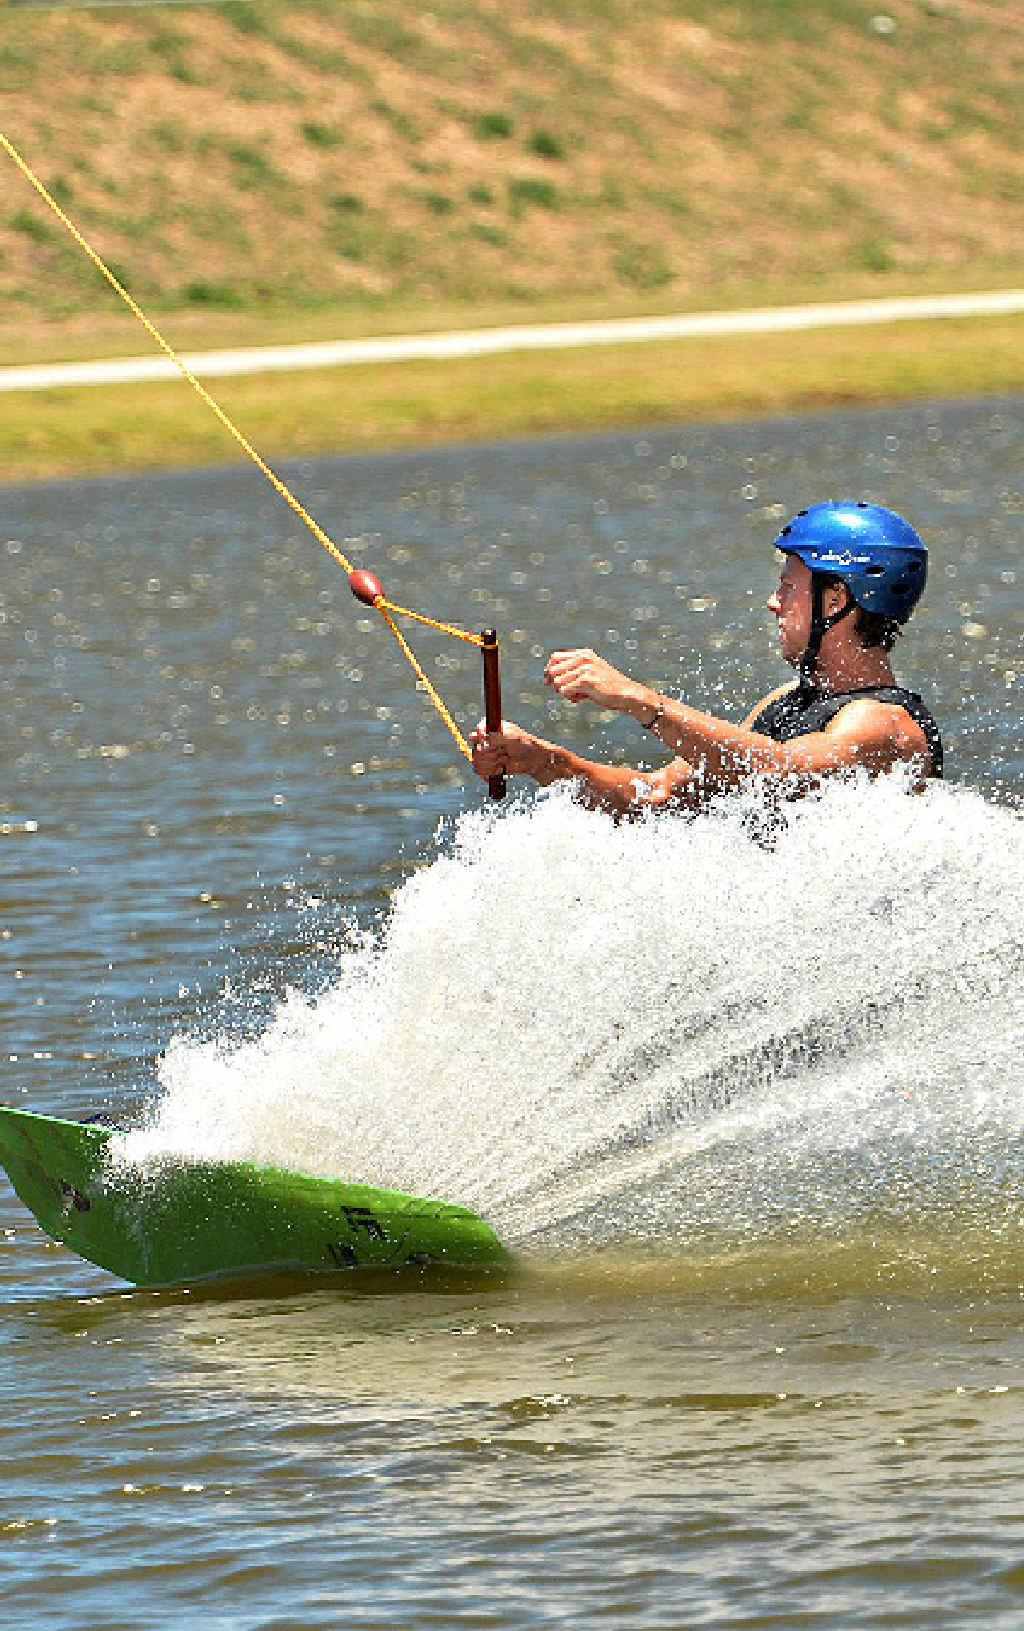 Kai Kissmann on the wakeboard at Mackay.